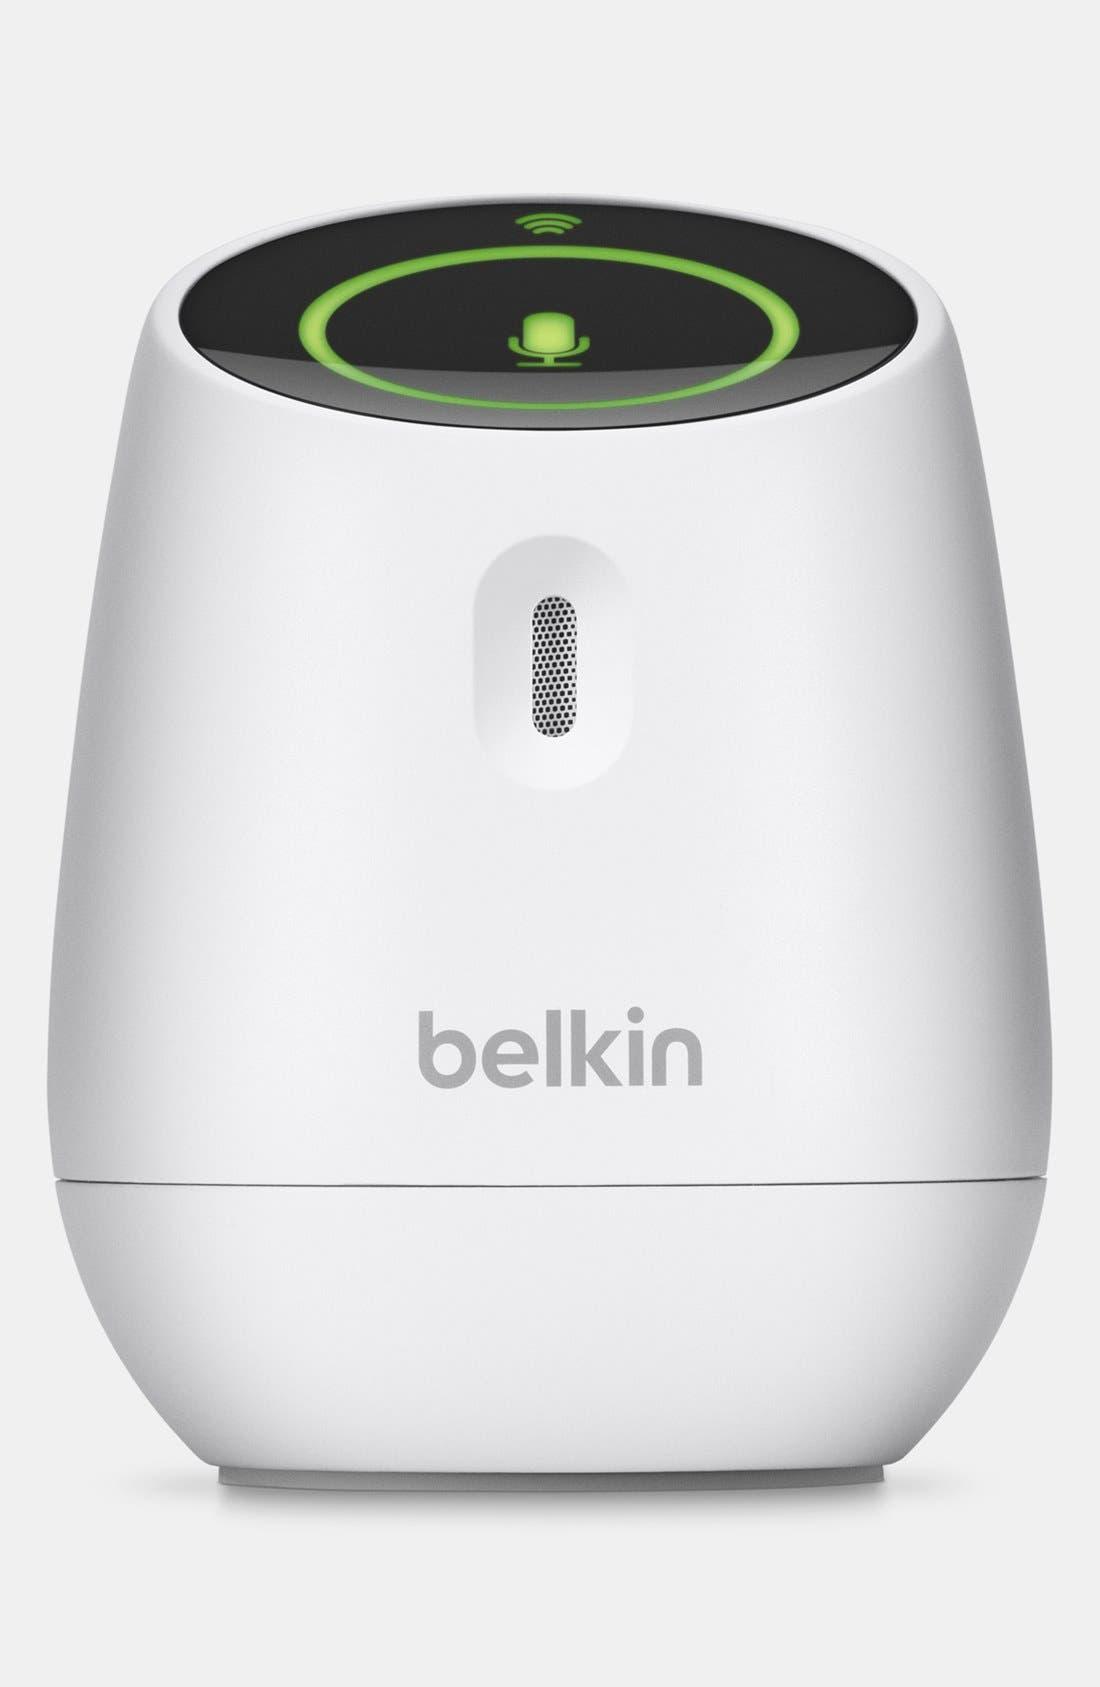 Main Image - Belkin 'WeMo' Baby Monitor